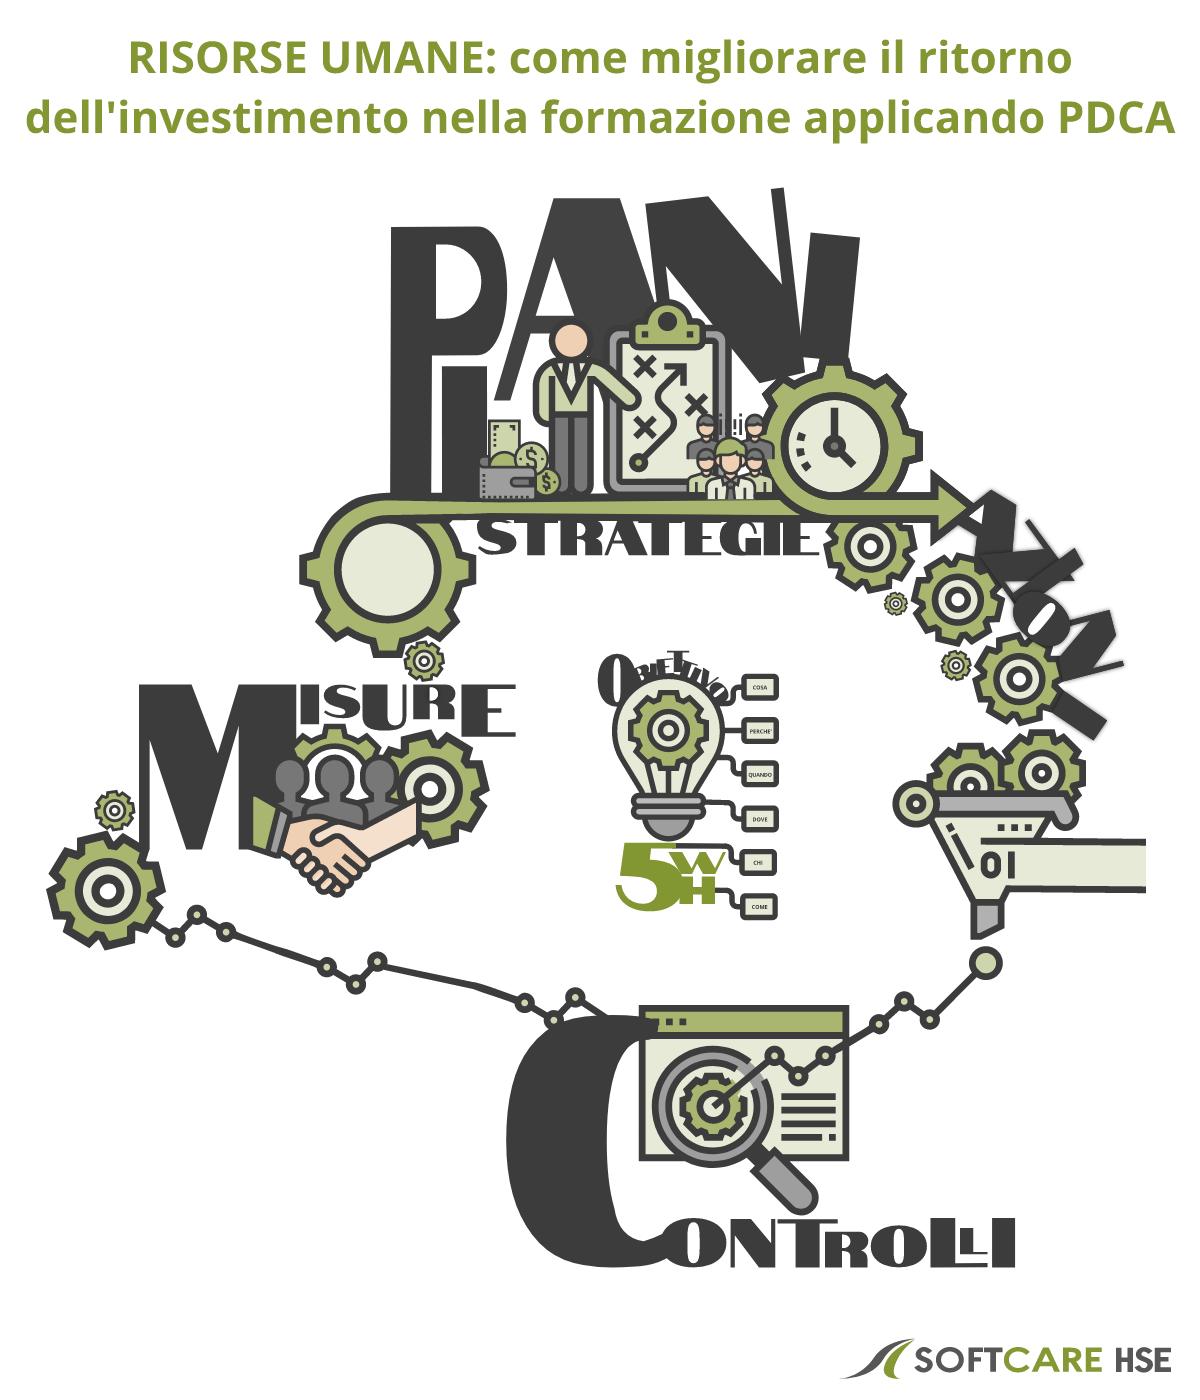 aumentare il ritorno dell investimento nella formazione sicurezza sul lavoro applicando PDCA PARTE 1 COPERTINA